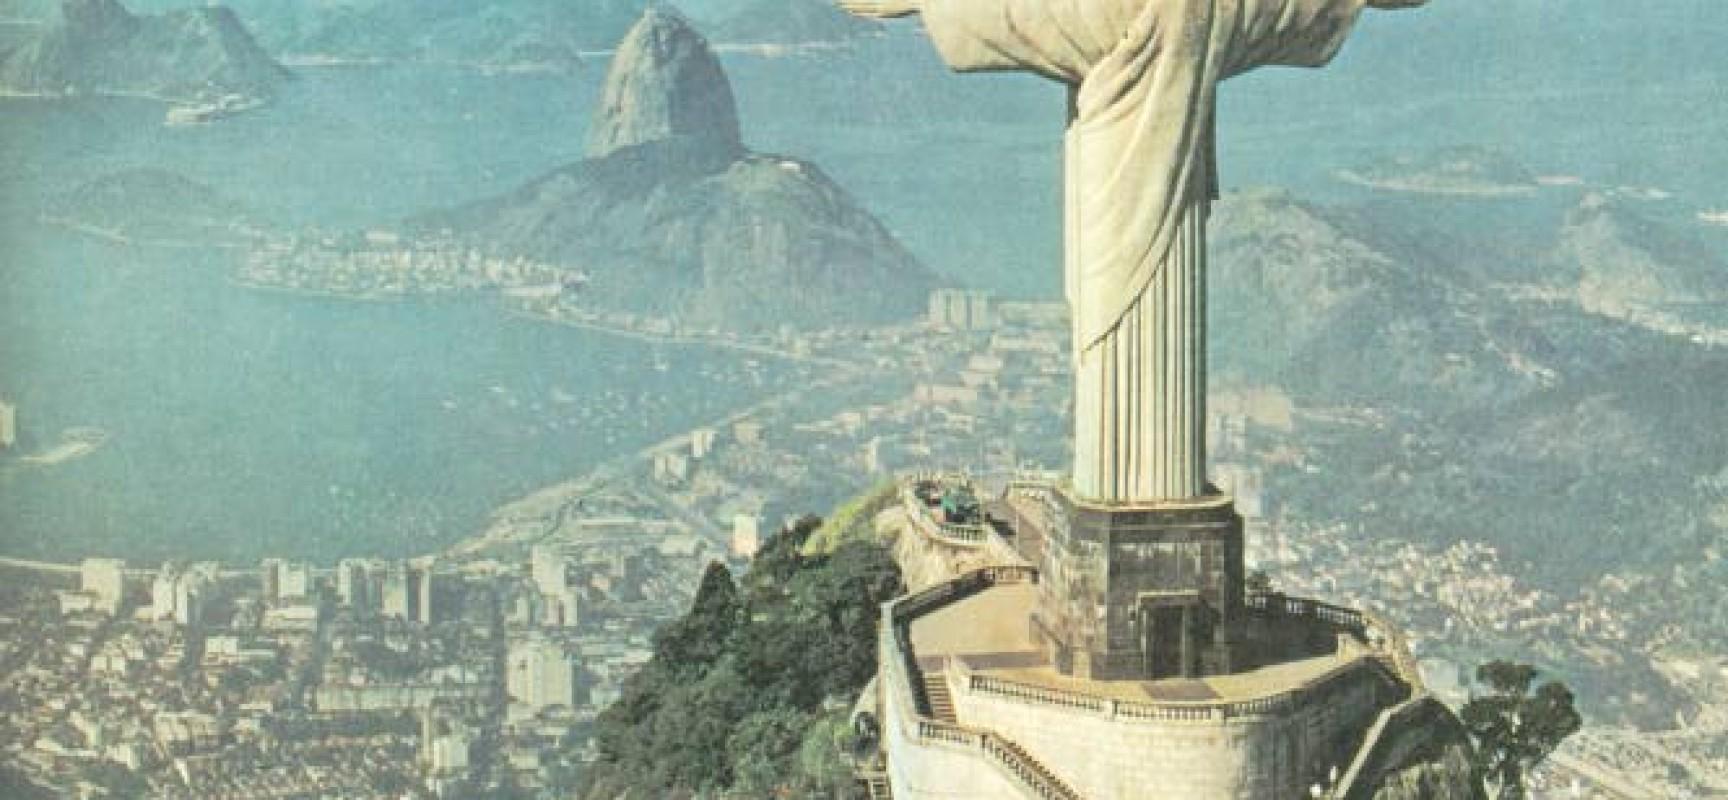 Christ The Redeemer : Christ the redeemer statue wallpaper wallpapersafari